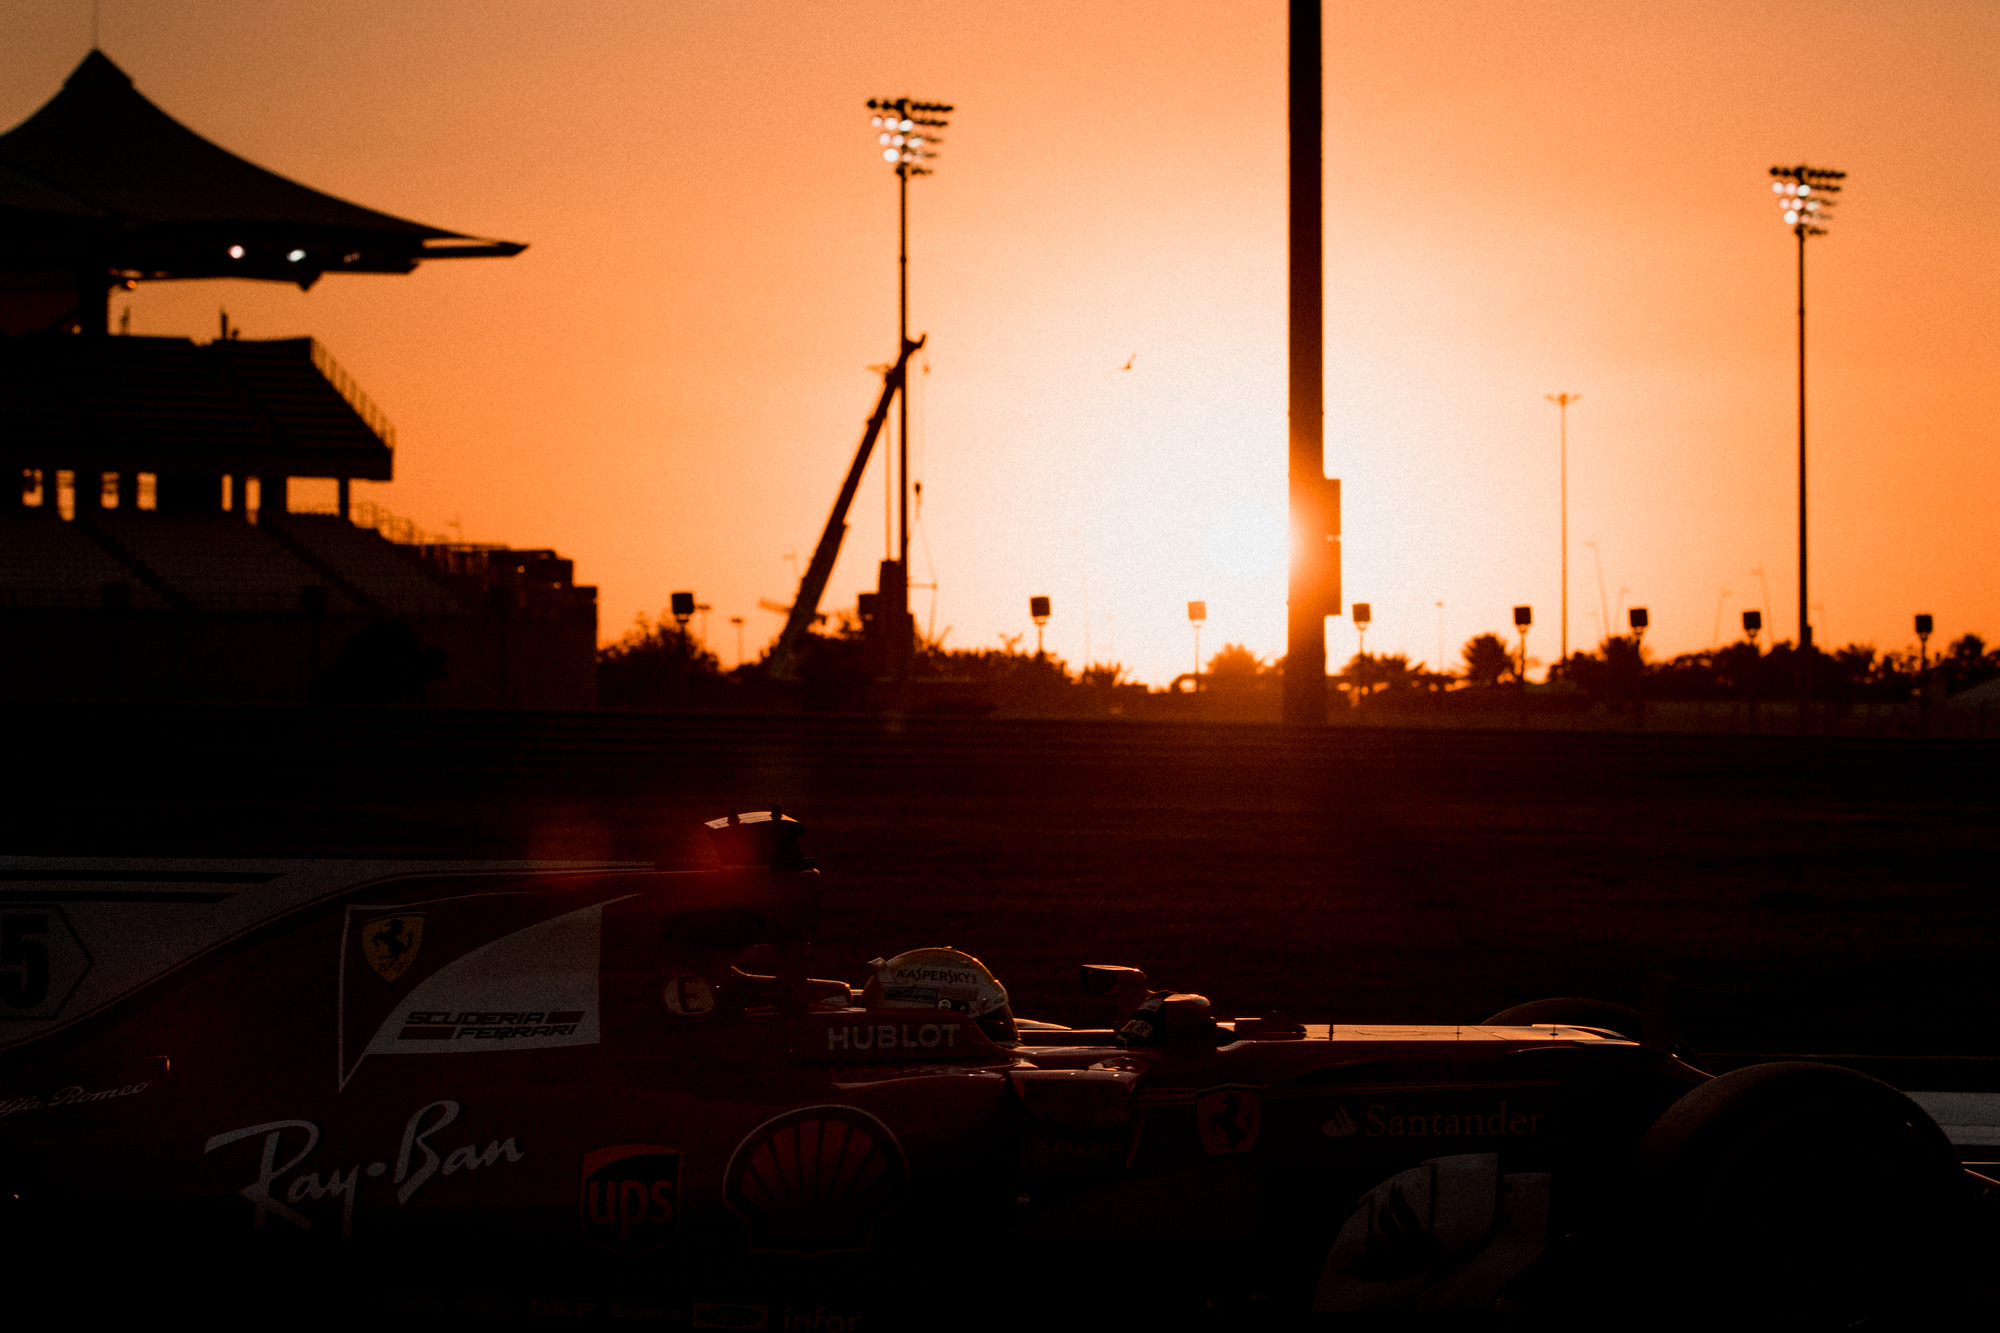 Kimi Raikkonen, Ferrari. 2017 FIA Formula 1 Championship, Abu Dhabi, UAE.